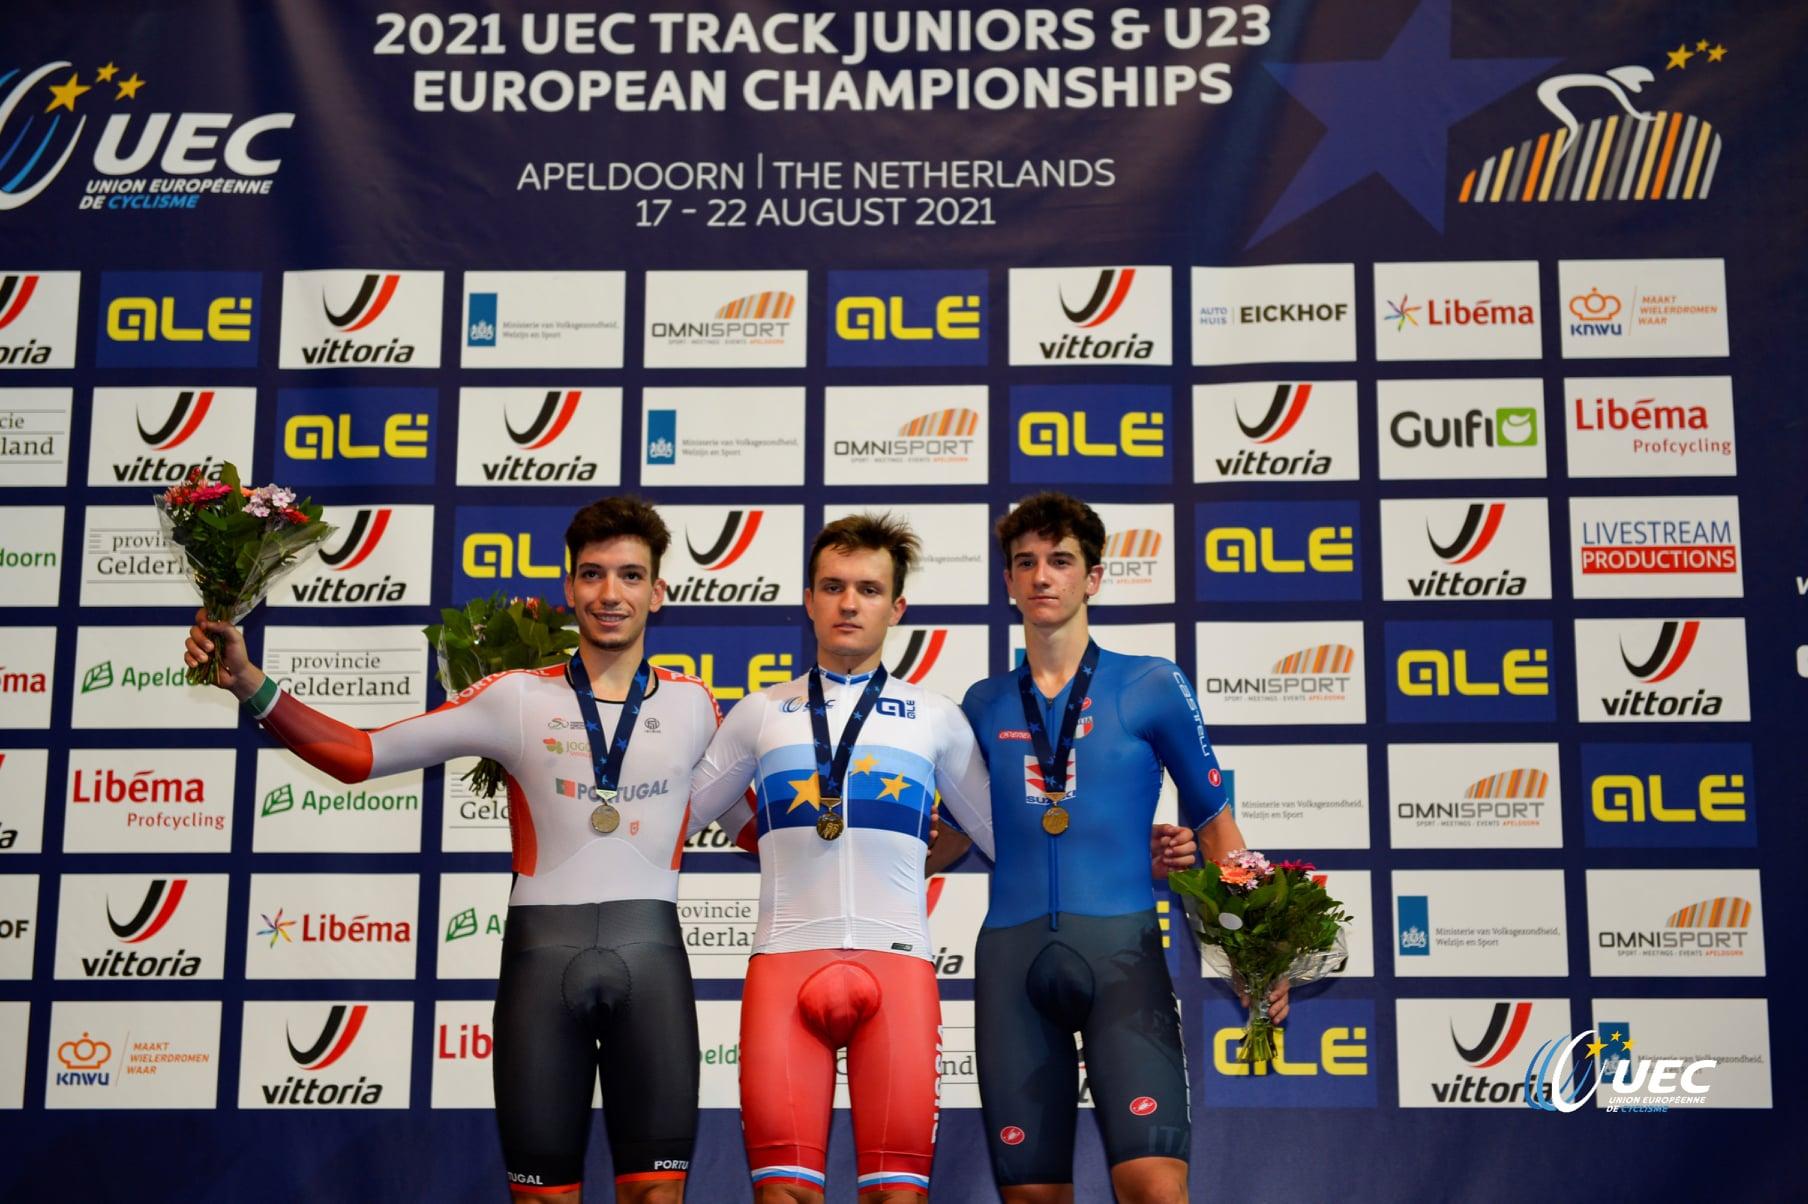 Il podio del Campionato Europeo Corsa a punti Under 23 2021 (foto UEC/BettiniPhoto)